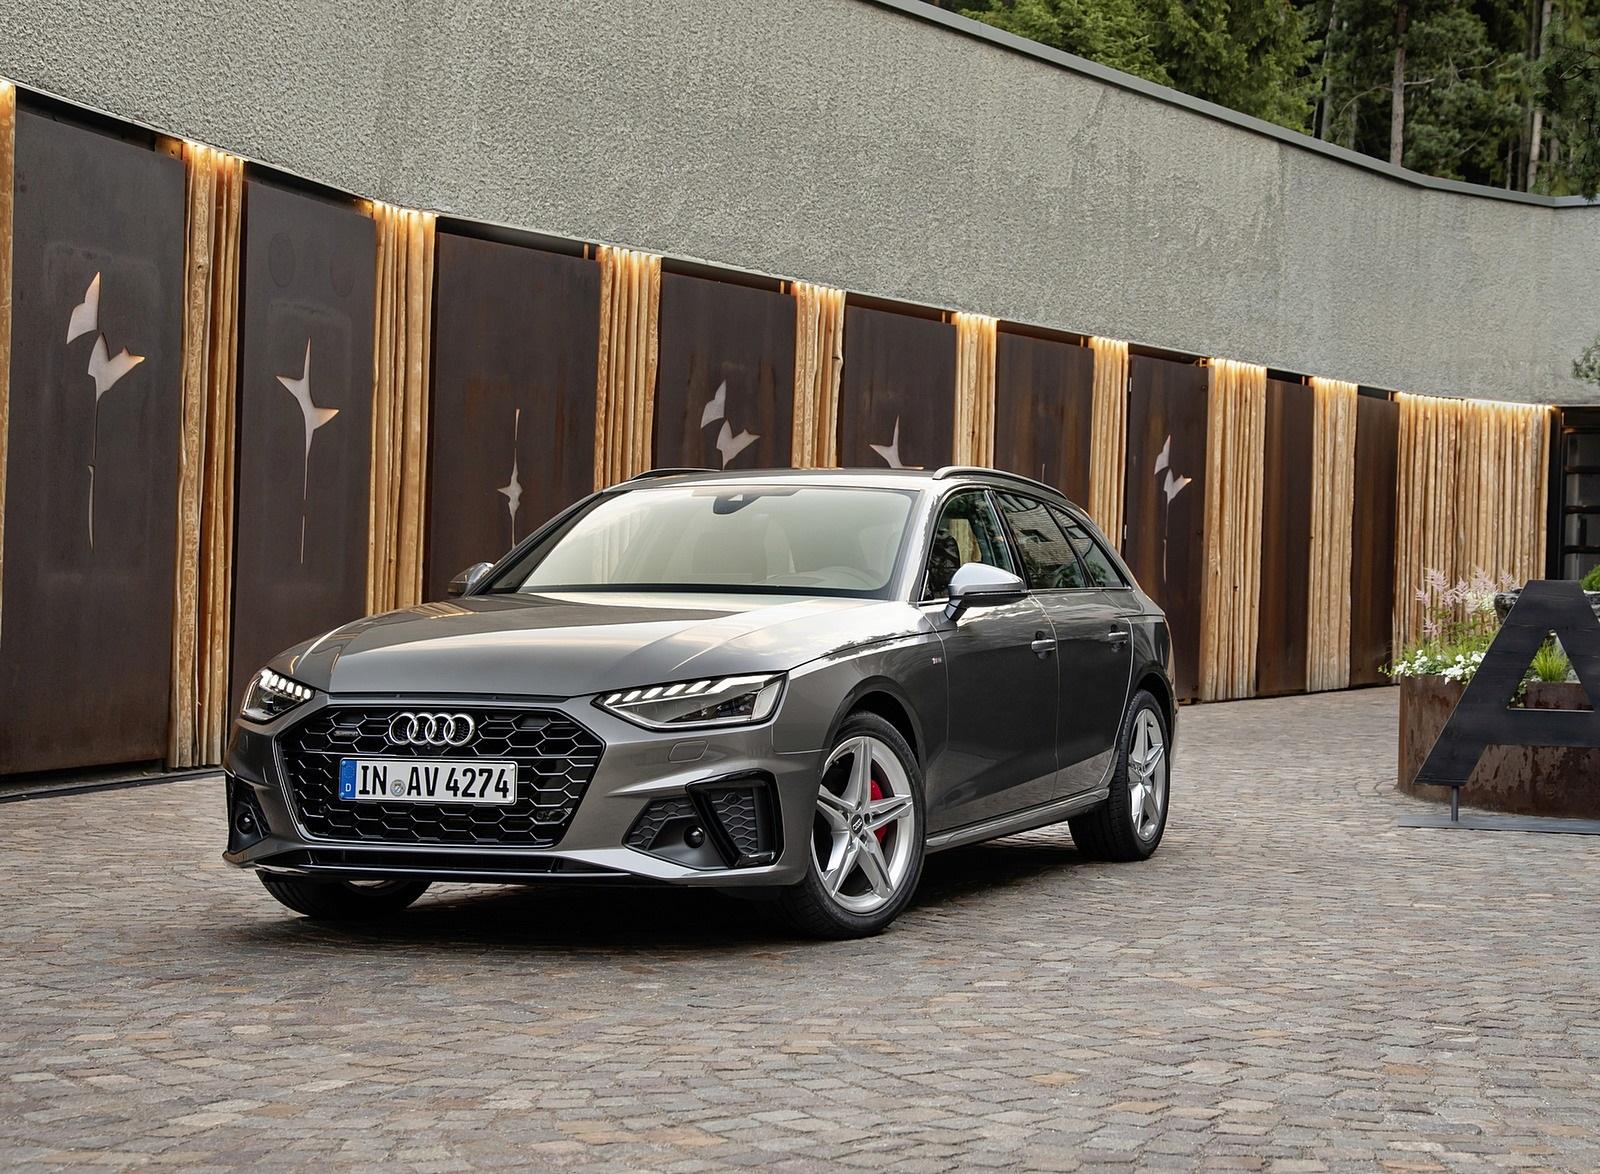 2020 Audi A4 Avant (Color: Terra Gray) Front Three-Quarter Wallpapers (10)